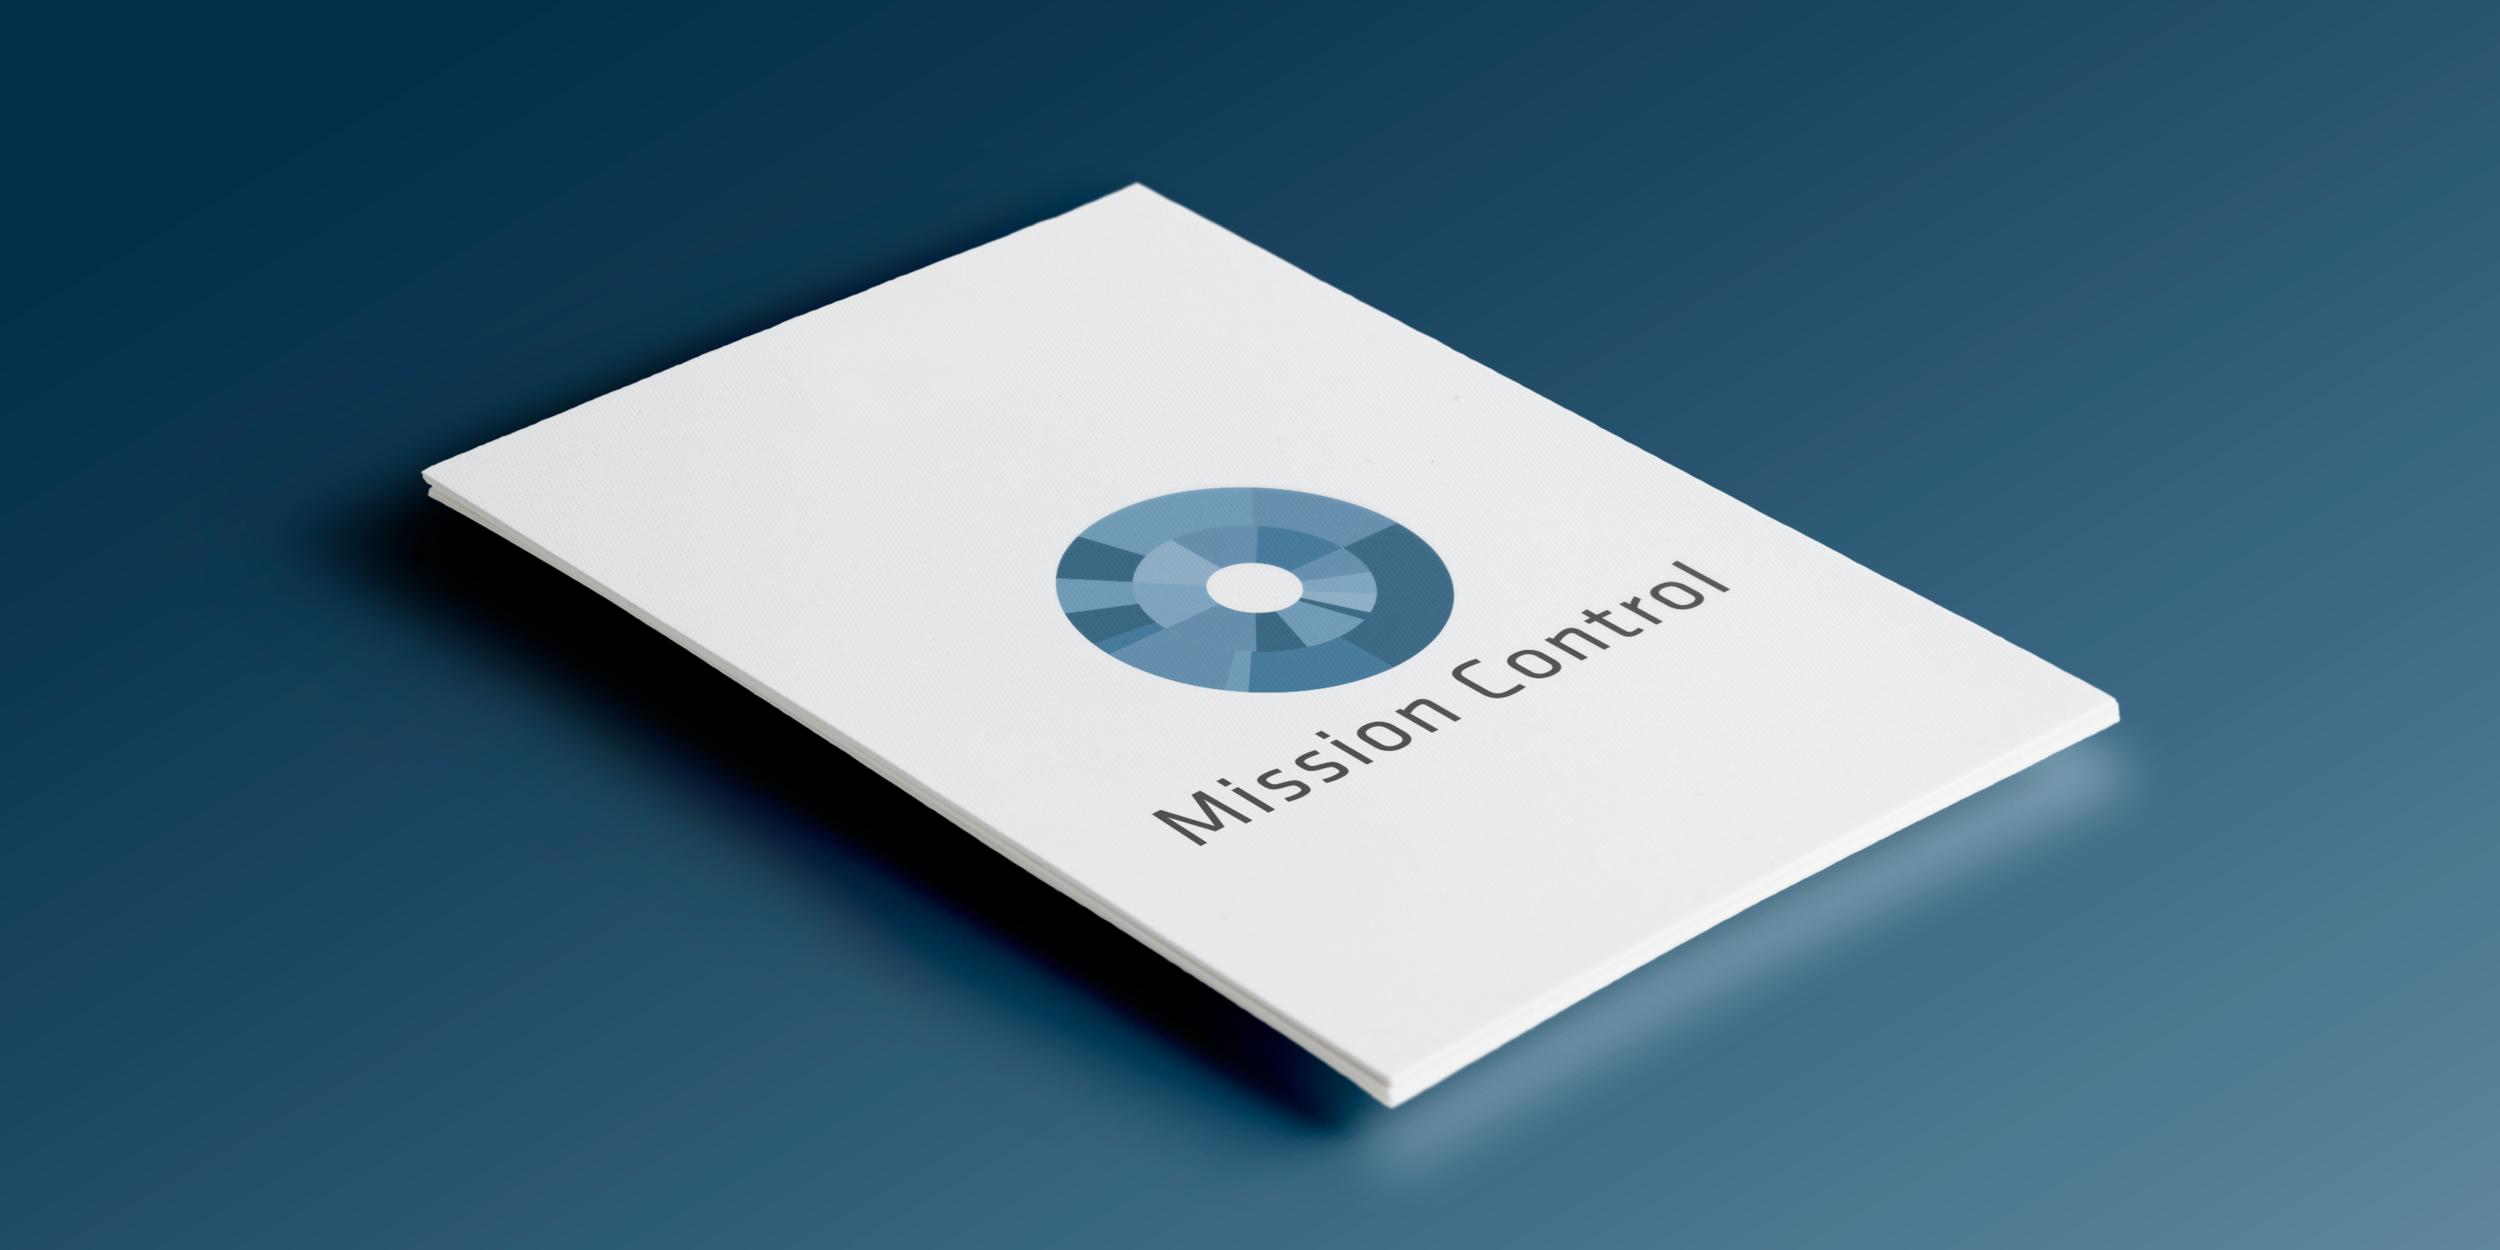 WBCG_MissionControl_Paper.png